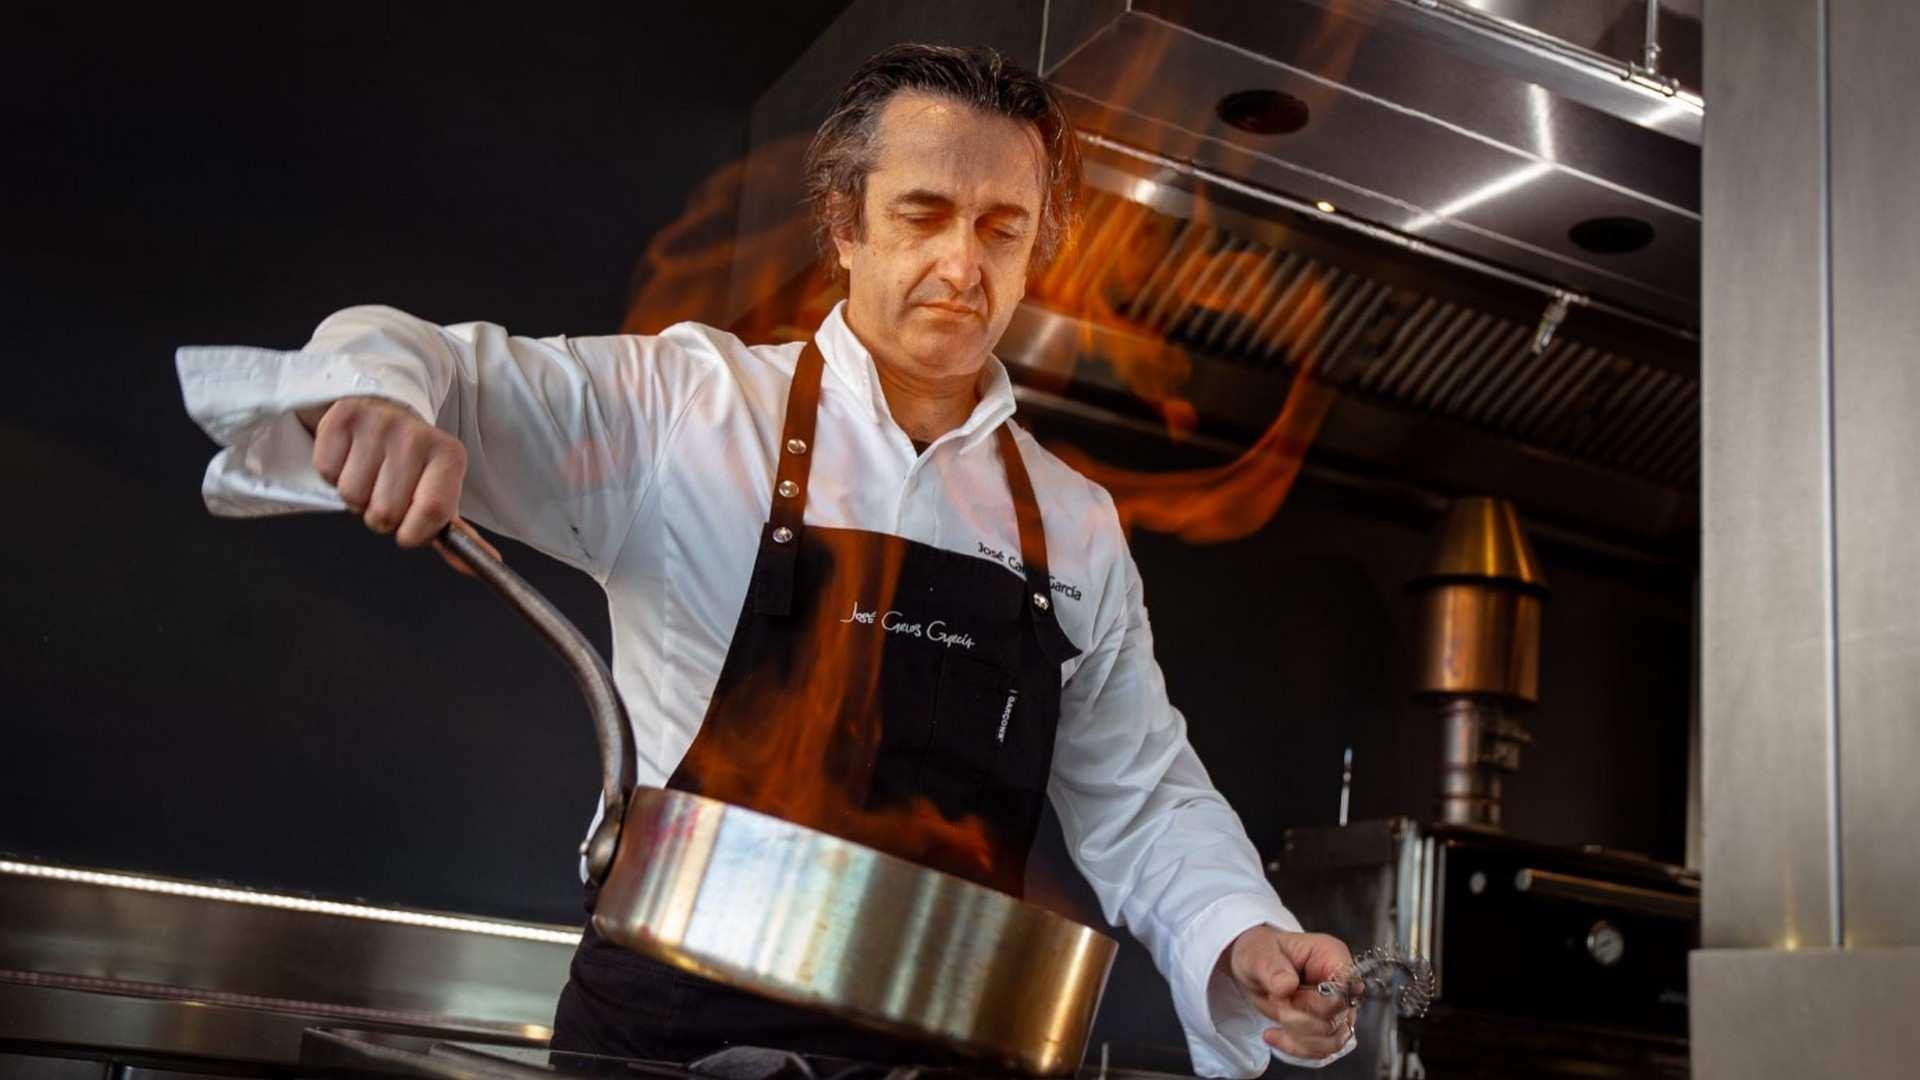 """""""Conoce José Carlos García"""", la nueva propuesta del chef malagueño para los almuerzos de Marzo"""